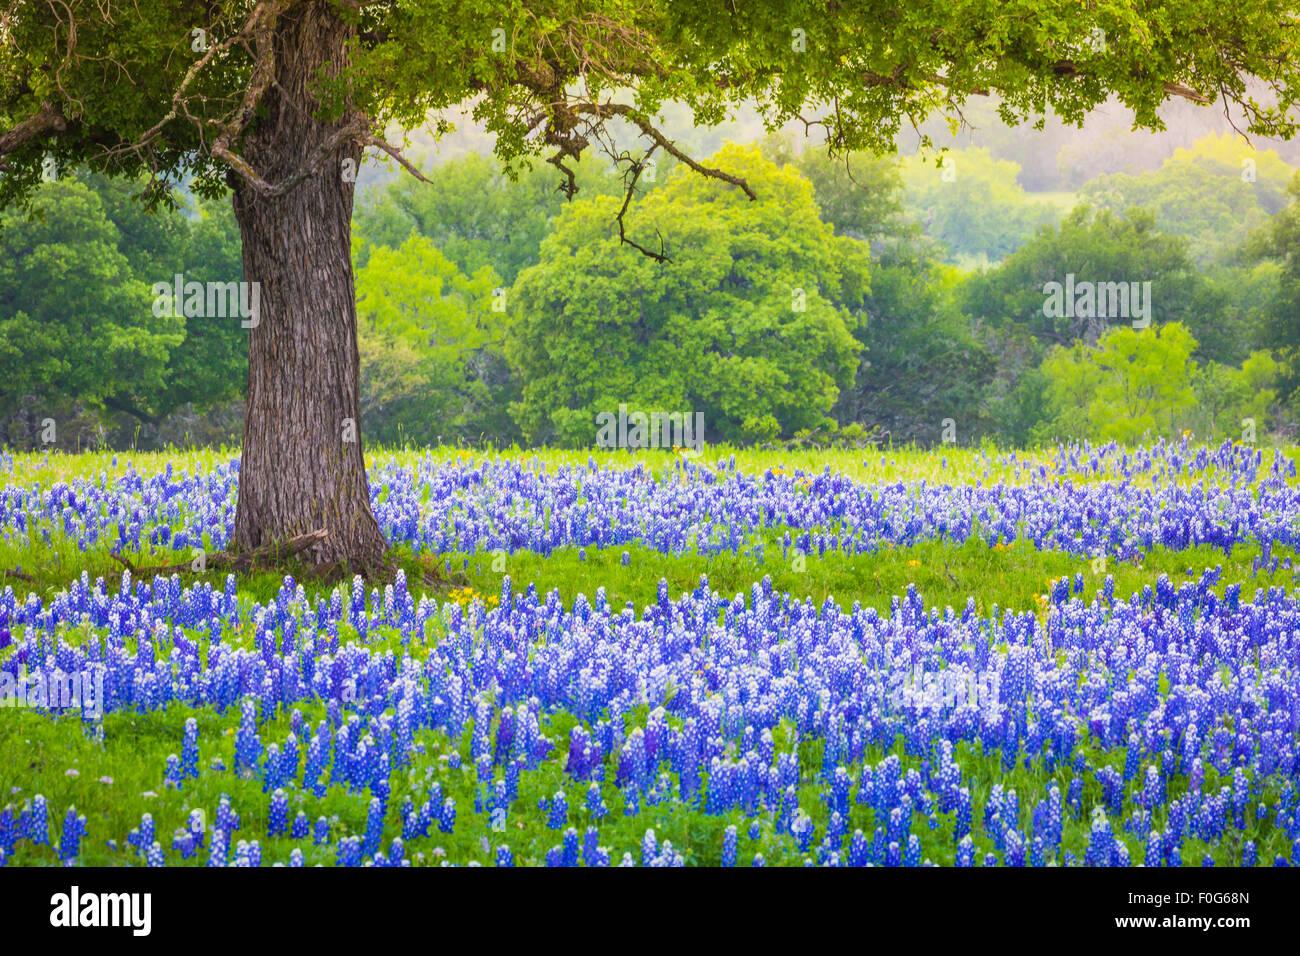 Bluebonnet Feld unter einer Eiche in der Nähe von Llano, Texas Stockbild